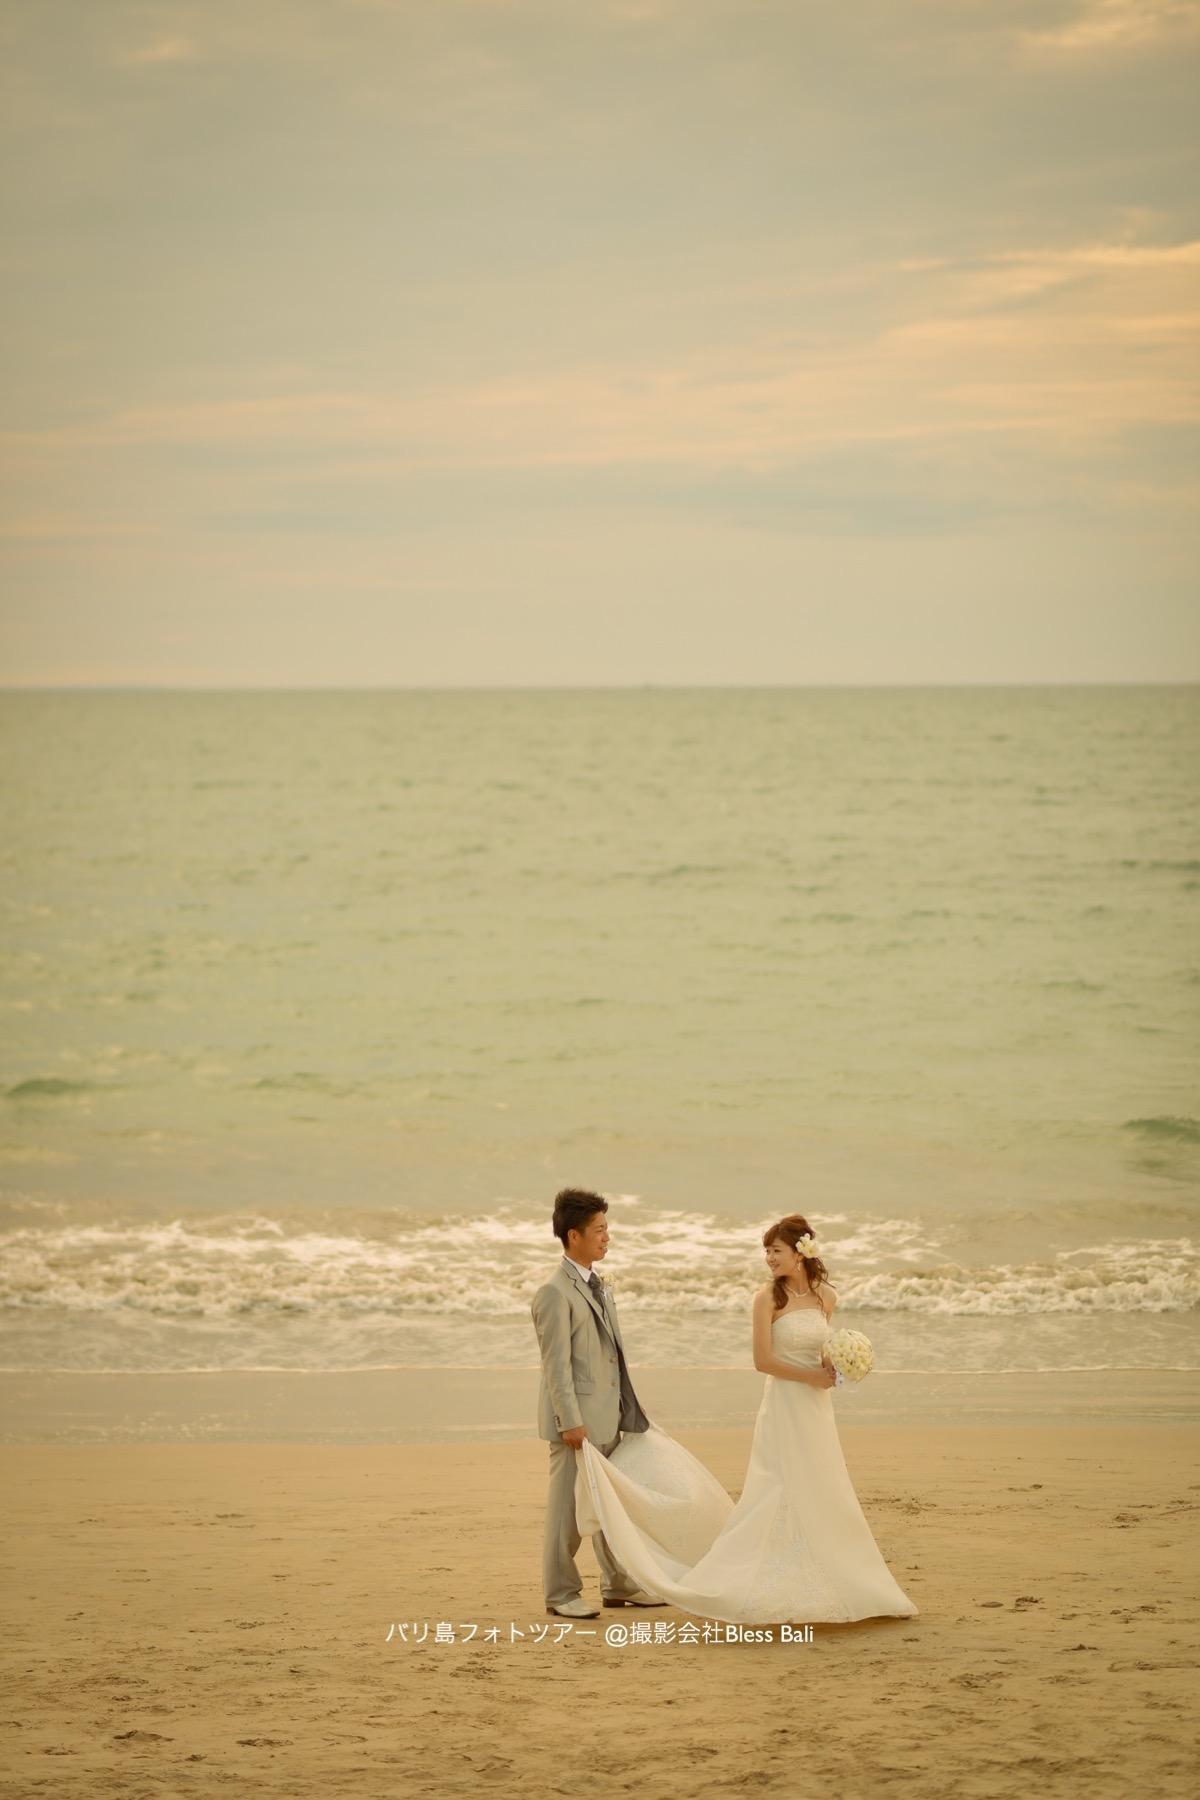 サンセットフォトで砂浜を歩くお二人